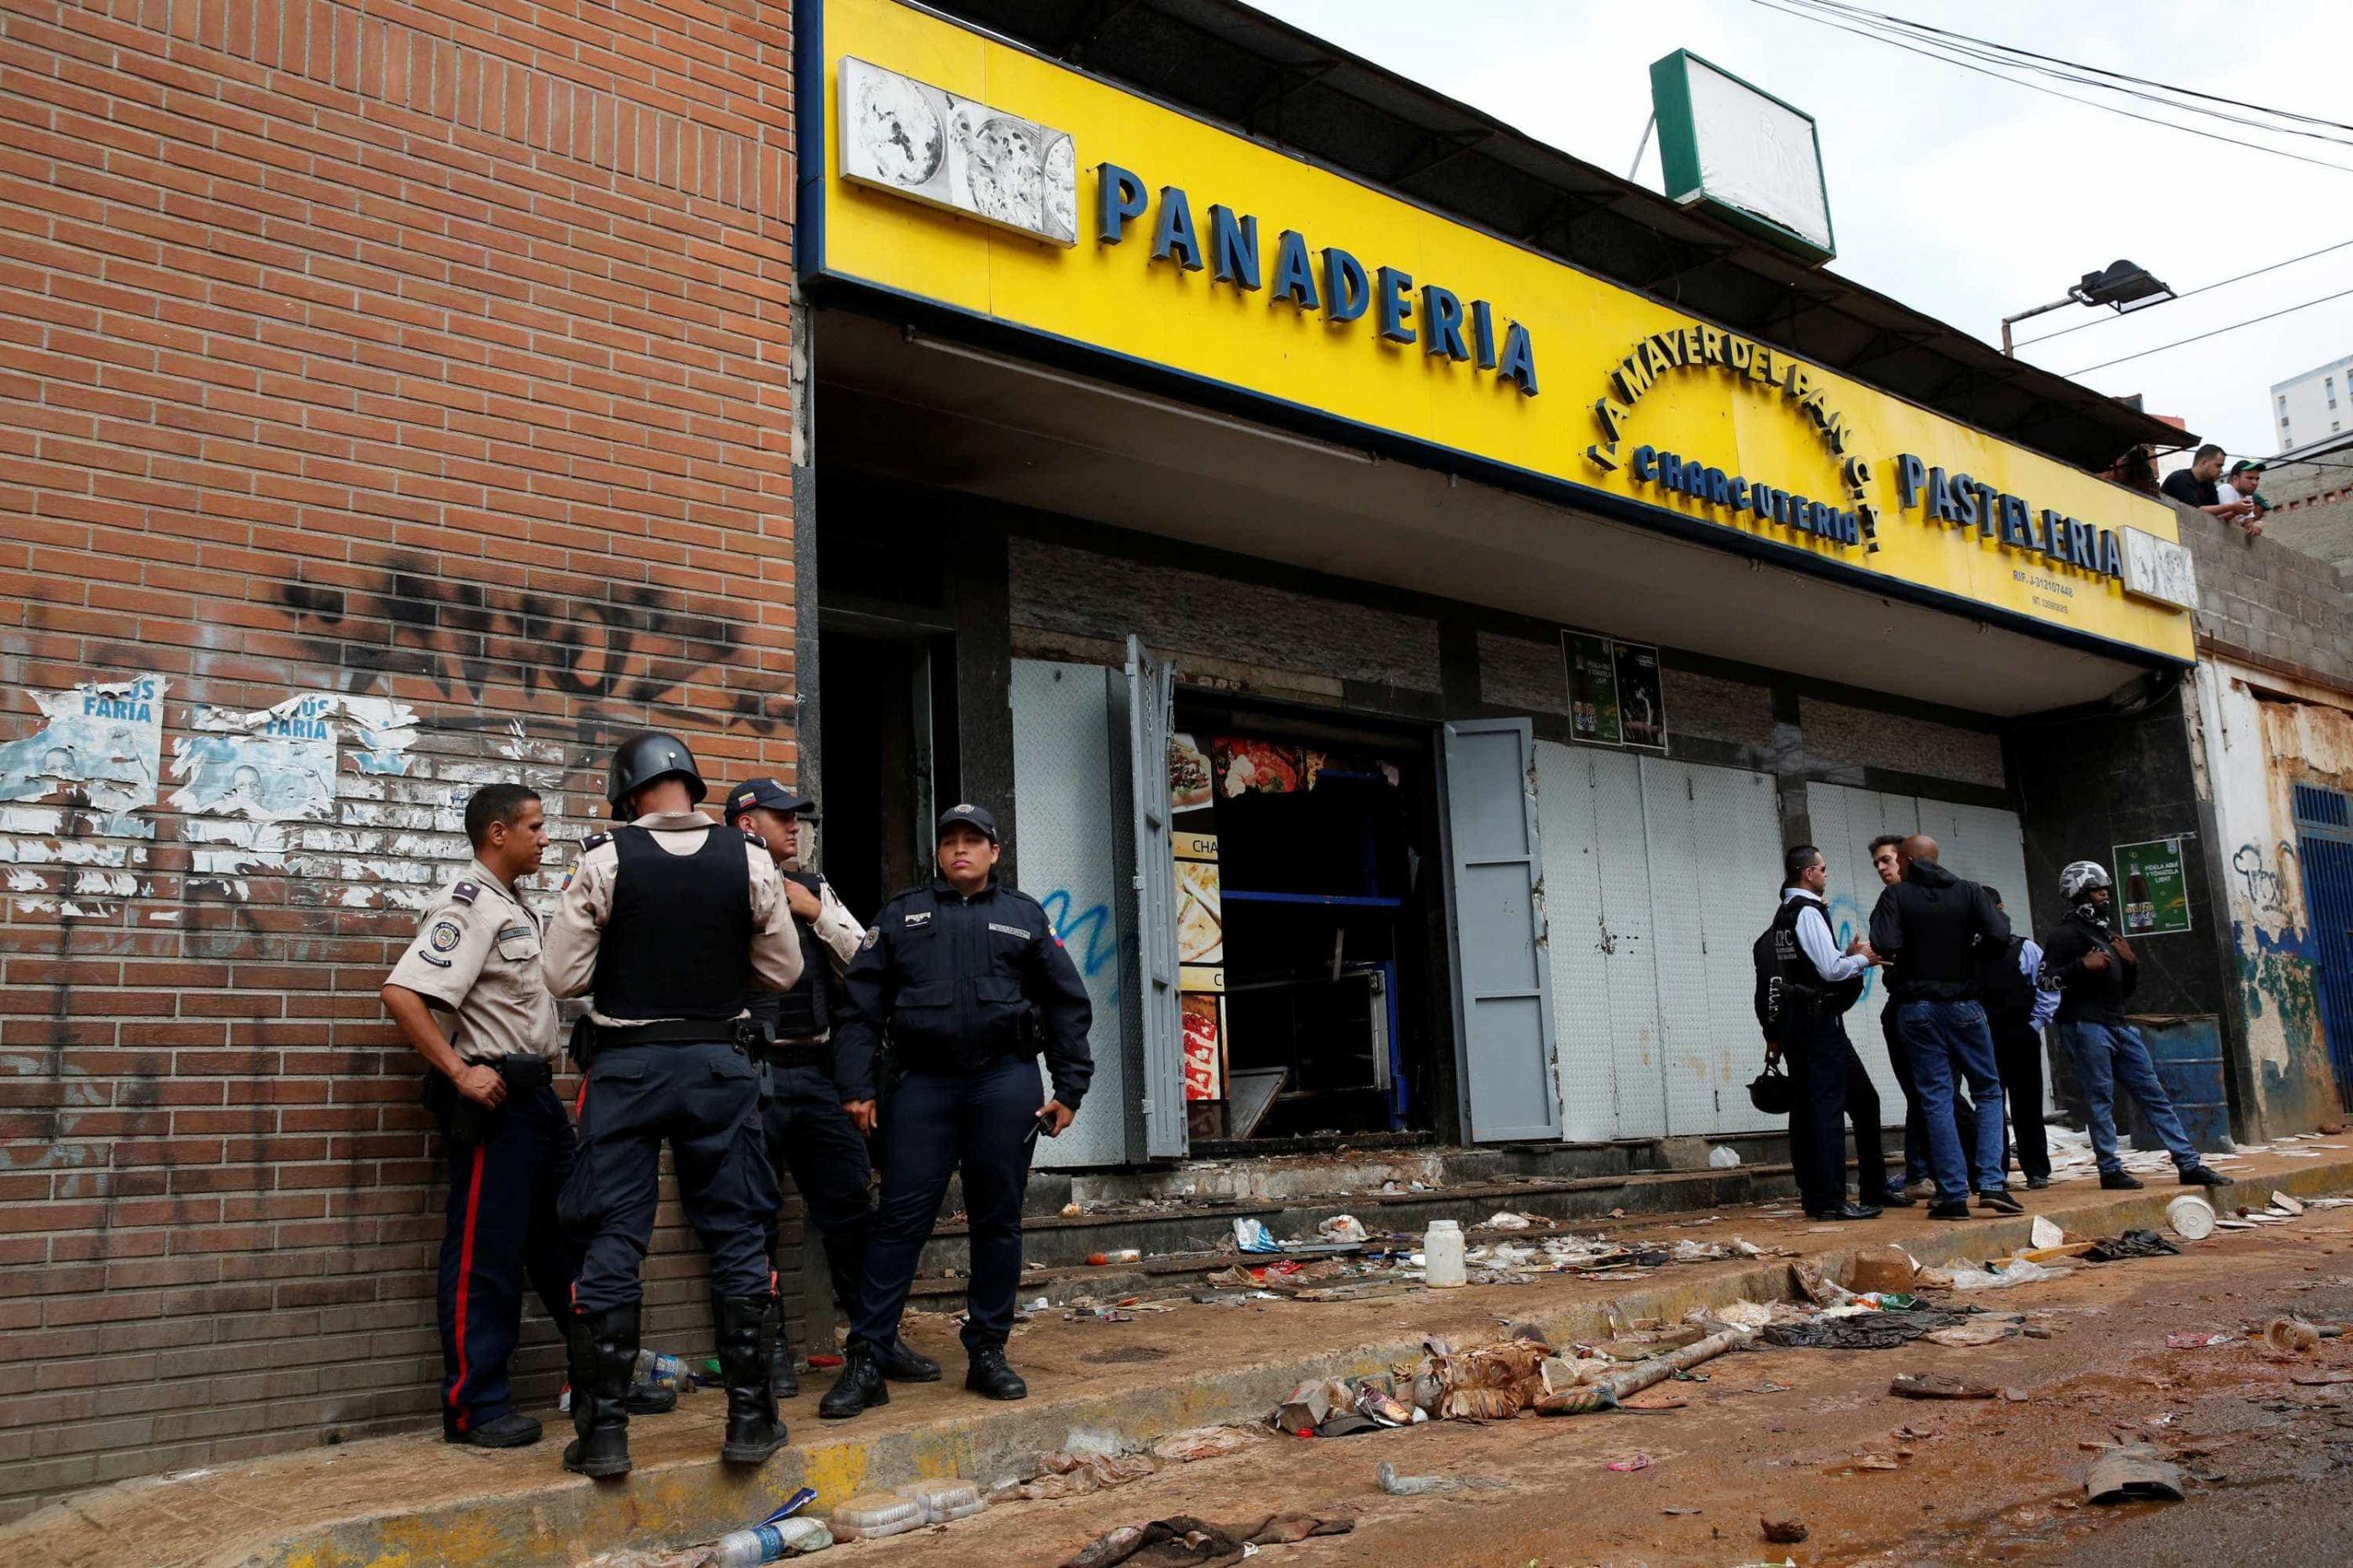 Caracas é a cidade mais violenta do mundo, aponta relatório